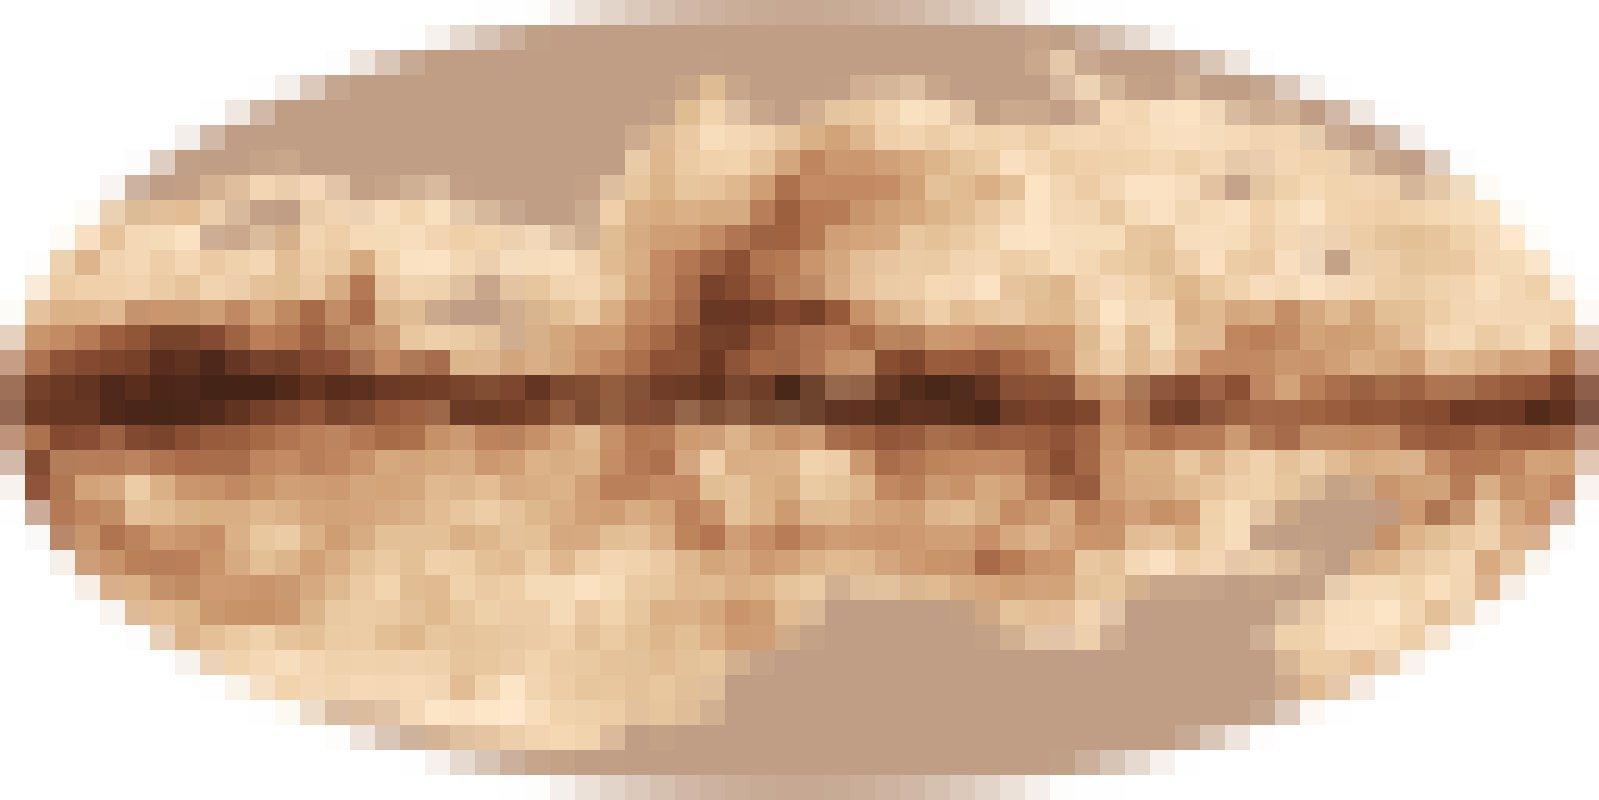 Diese Abbildung zeigt eine Himmelskarte des Magnefeldes der Milchstraße nach dem Messungen des Planck-Satelliten.